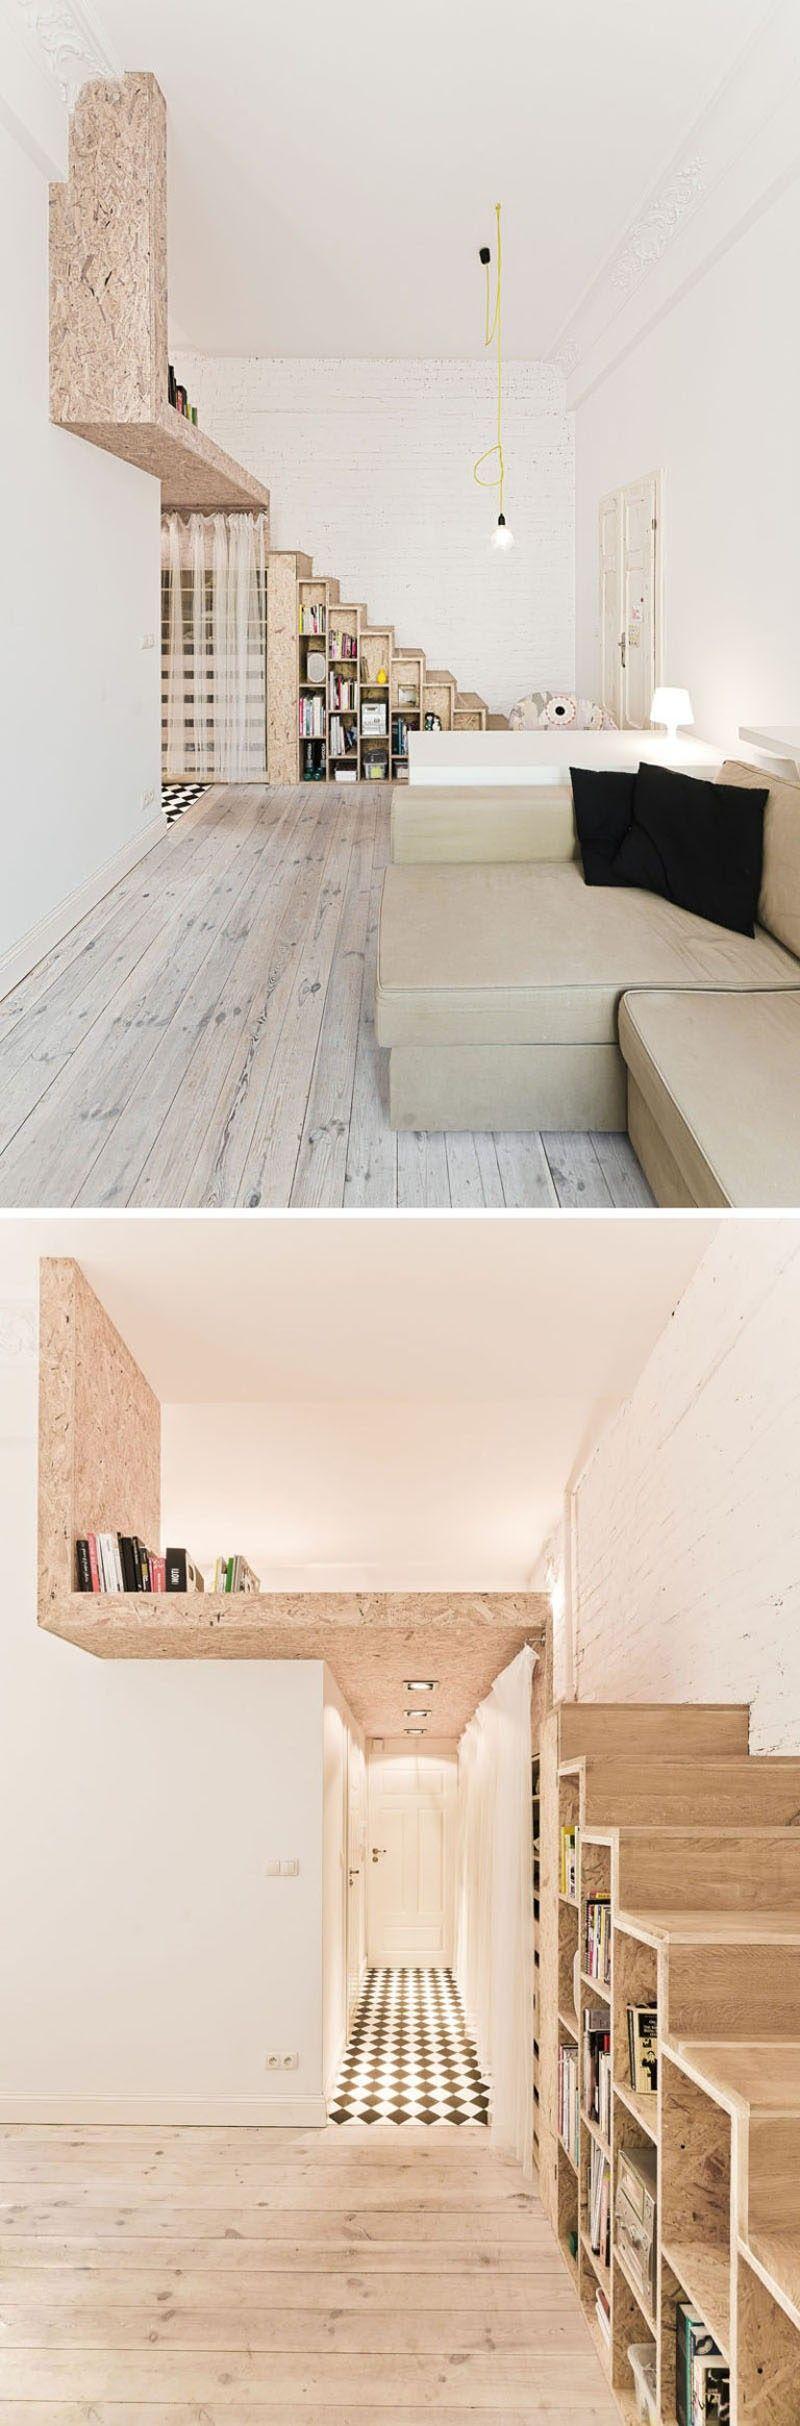 AuBergewohnlich 13 Treppe Design Ideen Für Kleine Räume / / Die Treppe Entlang Der  Seitenwand Dieser Wohnung